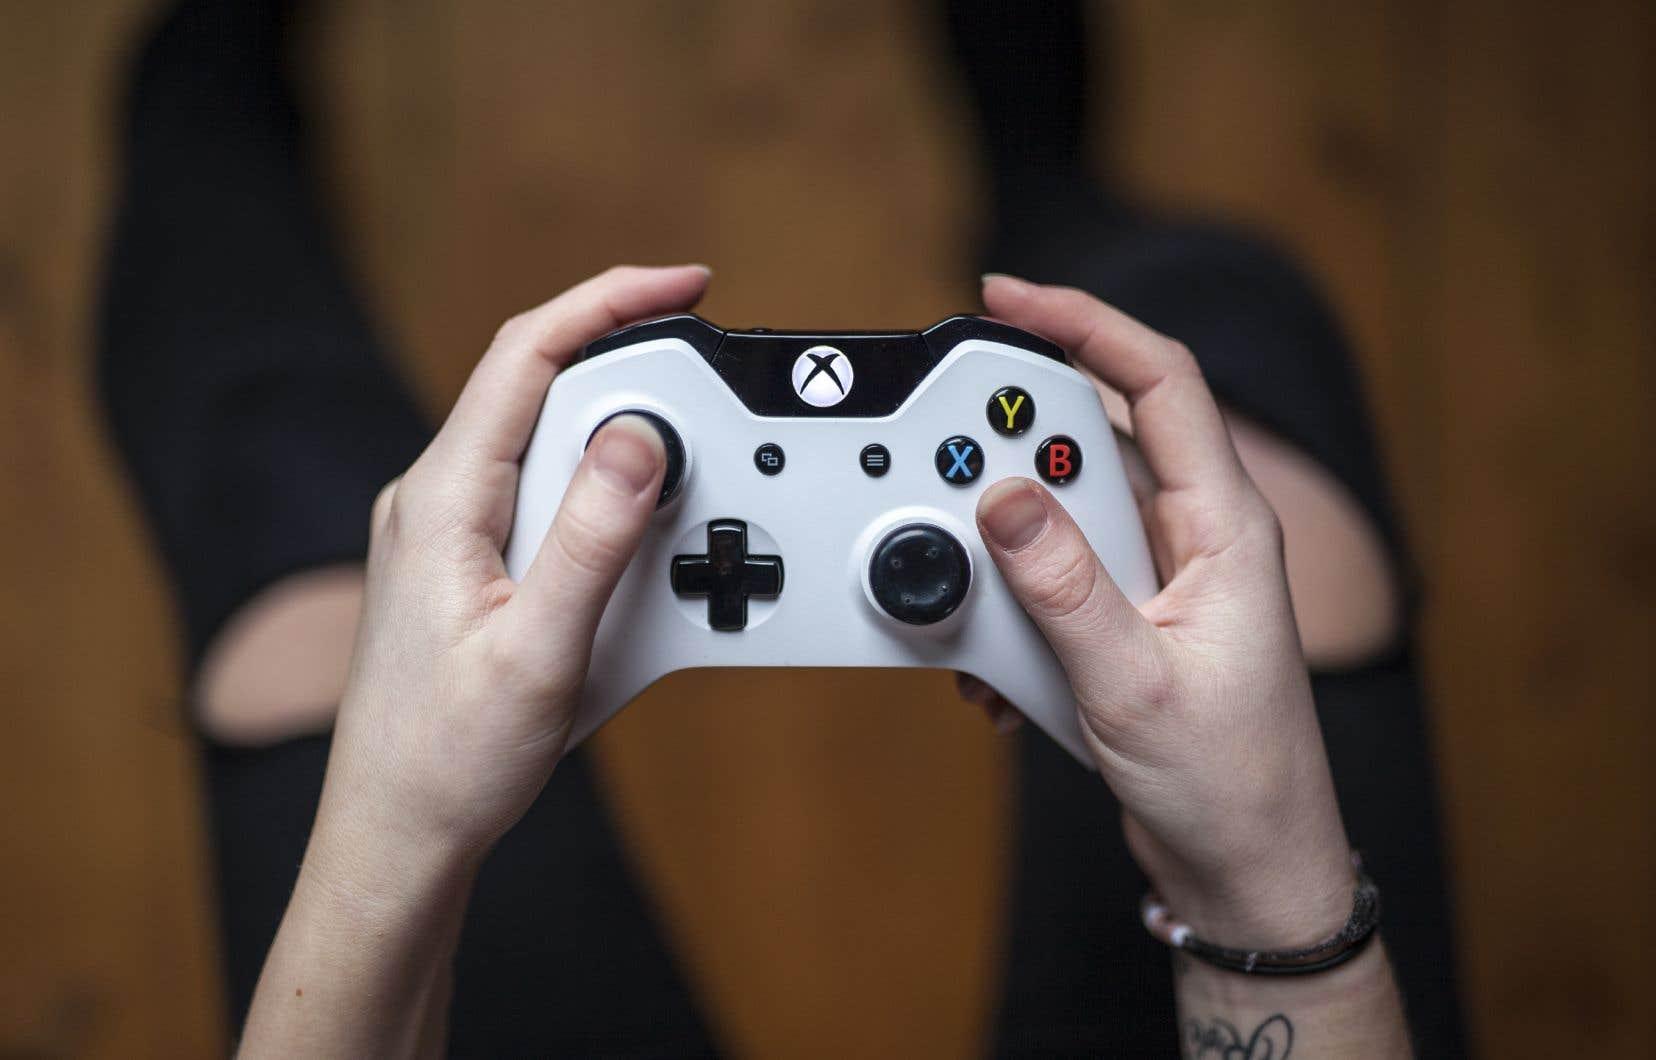 <p>Parmi les autres symptômes répertoriés figurent «la poursuite et l'augmentation de l'activité de jeu [vidéo]malgré l'apparition de conséquences négatives».</p>